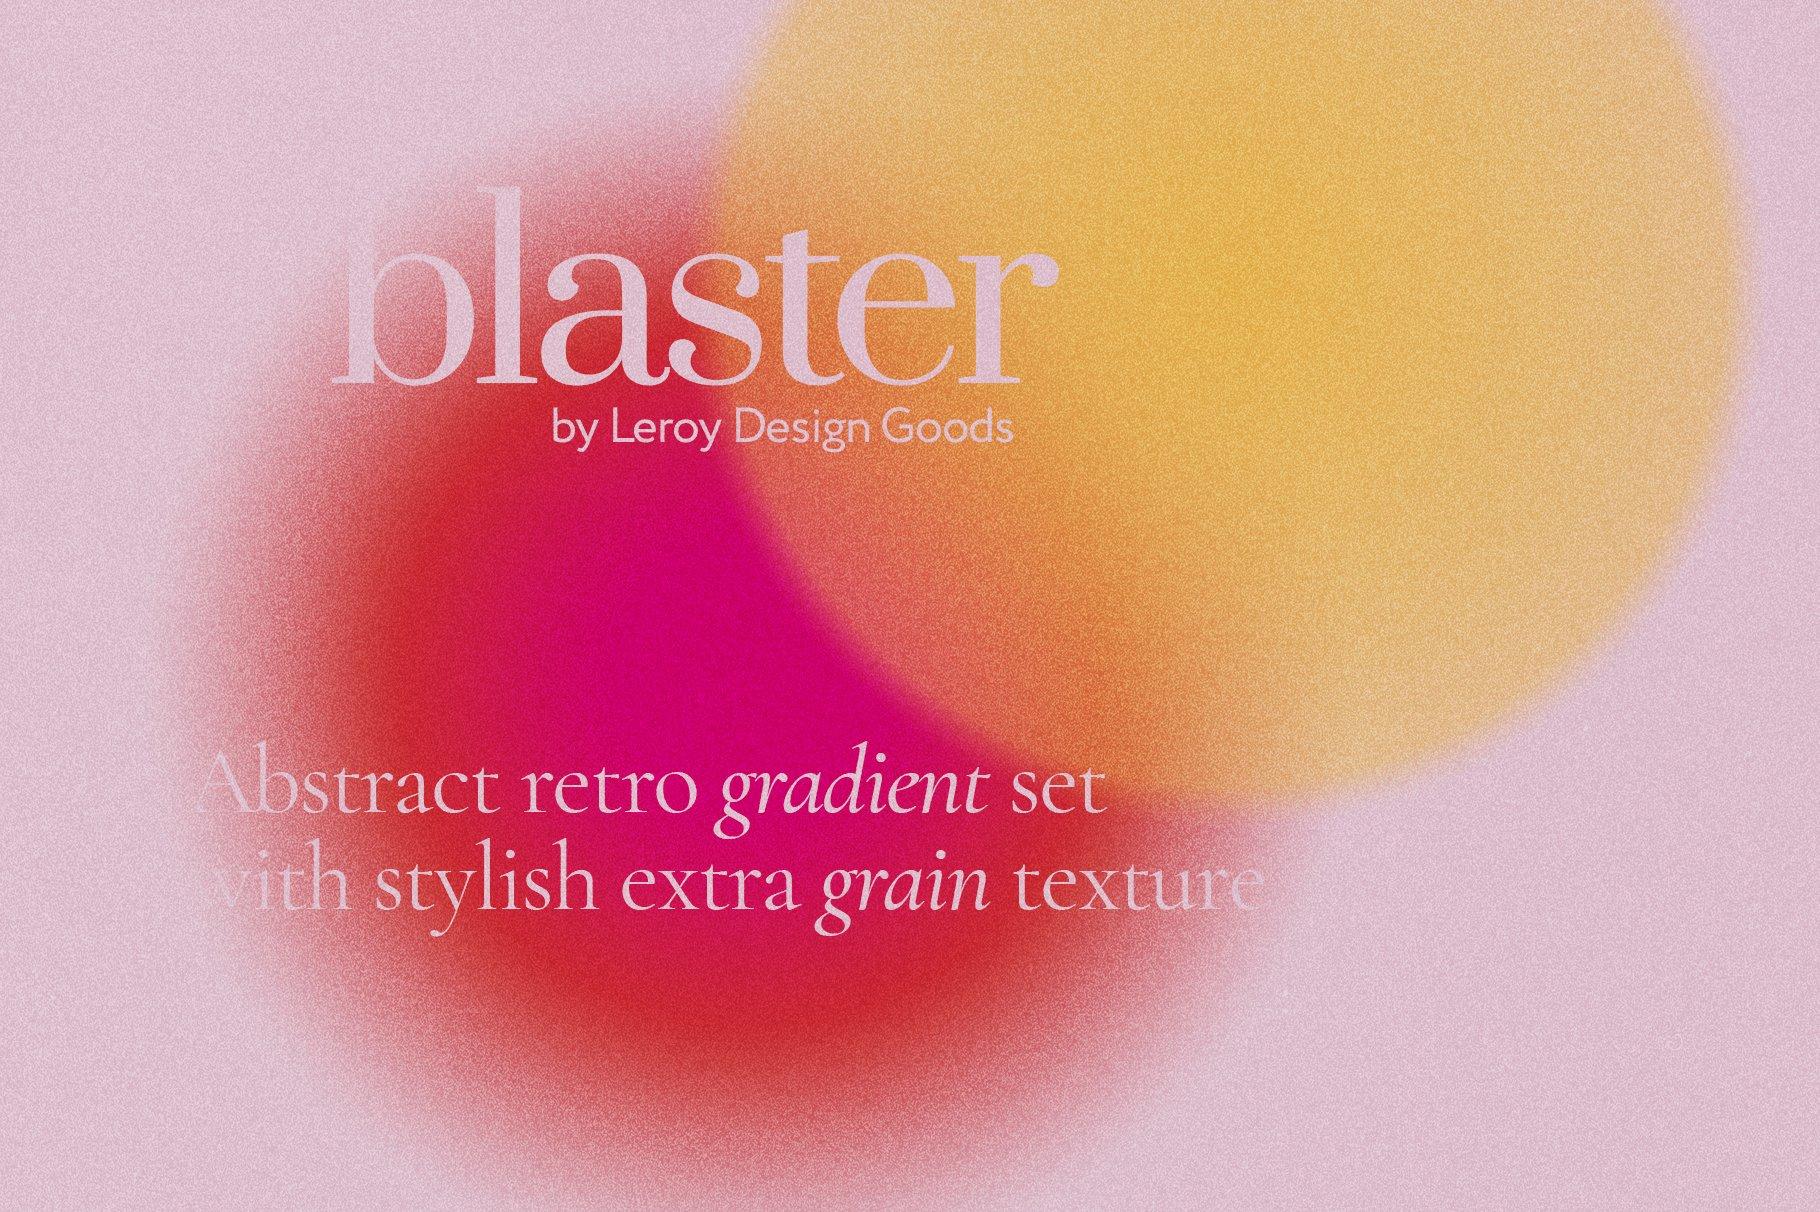 [淘宝购买] 12款炫彩复古模糊渐变海报背景底纹PS分层素材源文件 BLASTER Retro Gradient Textures插图